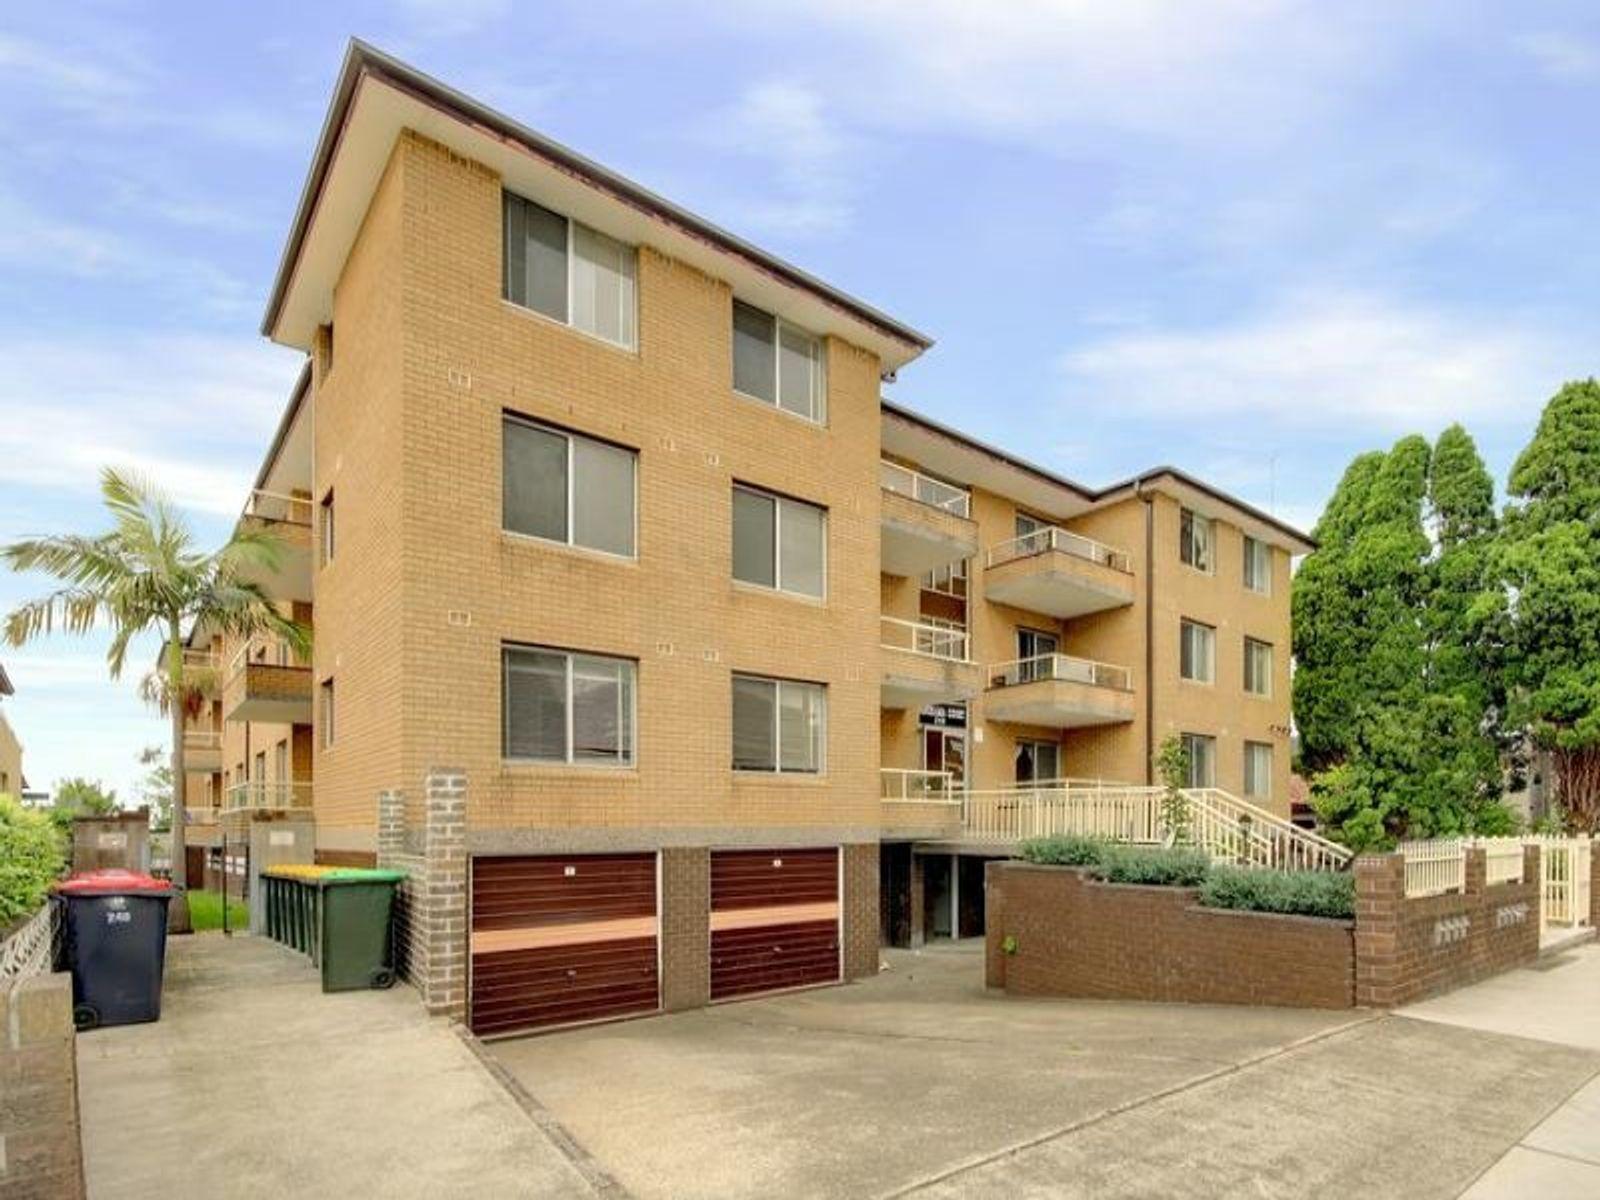 10/249 Haldon Street, Lakemba, NSW 2195